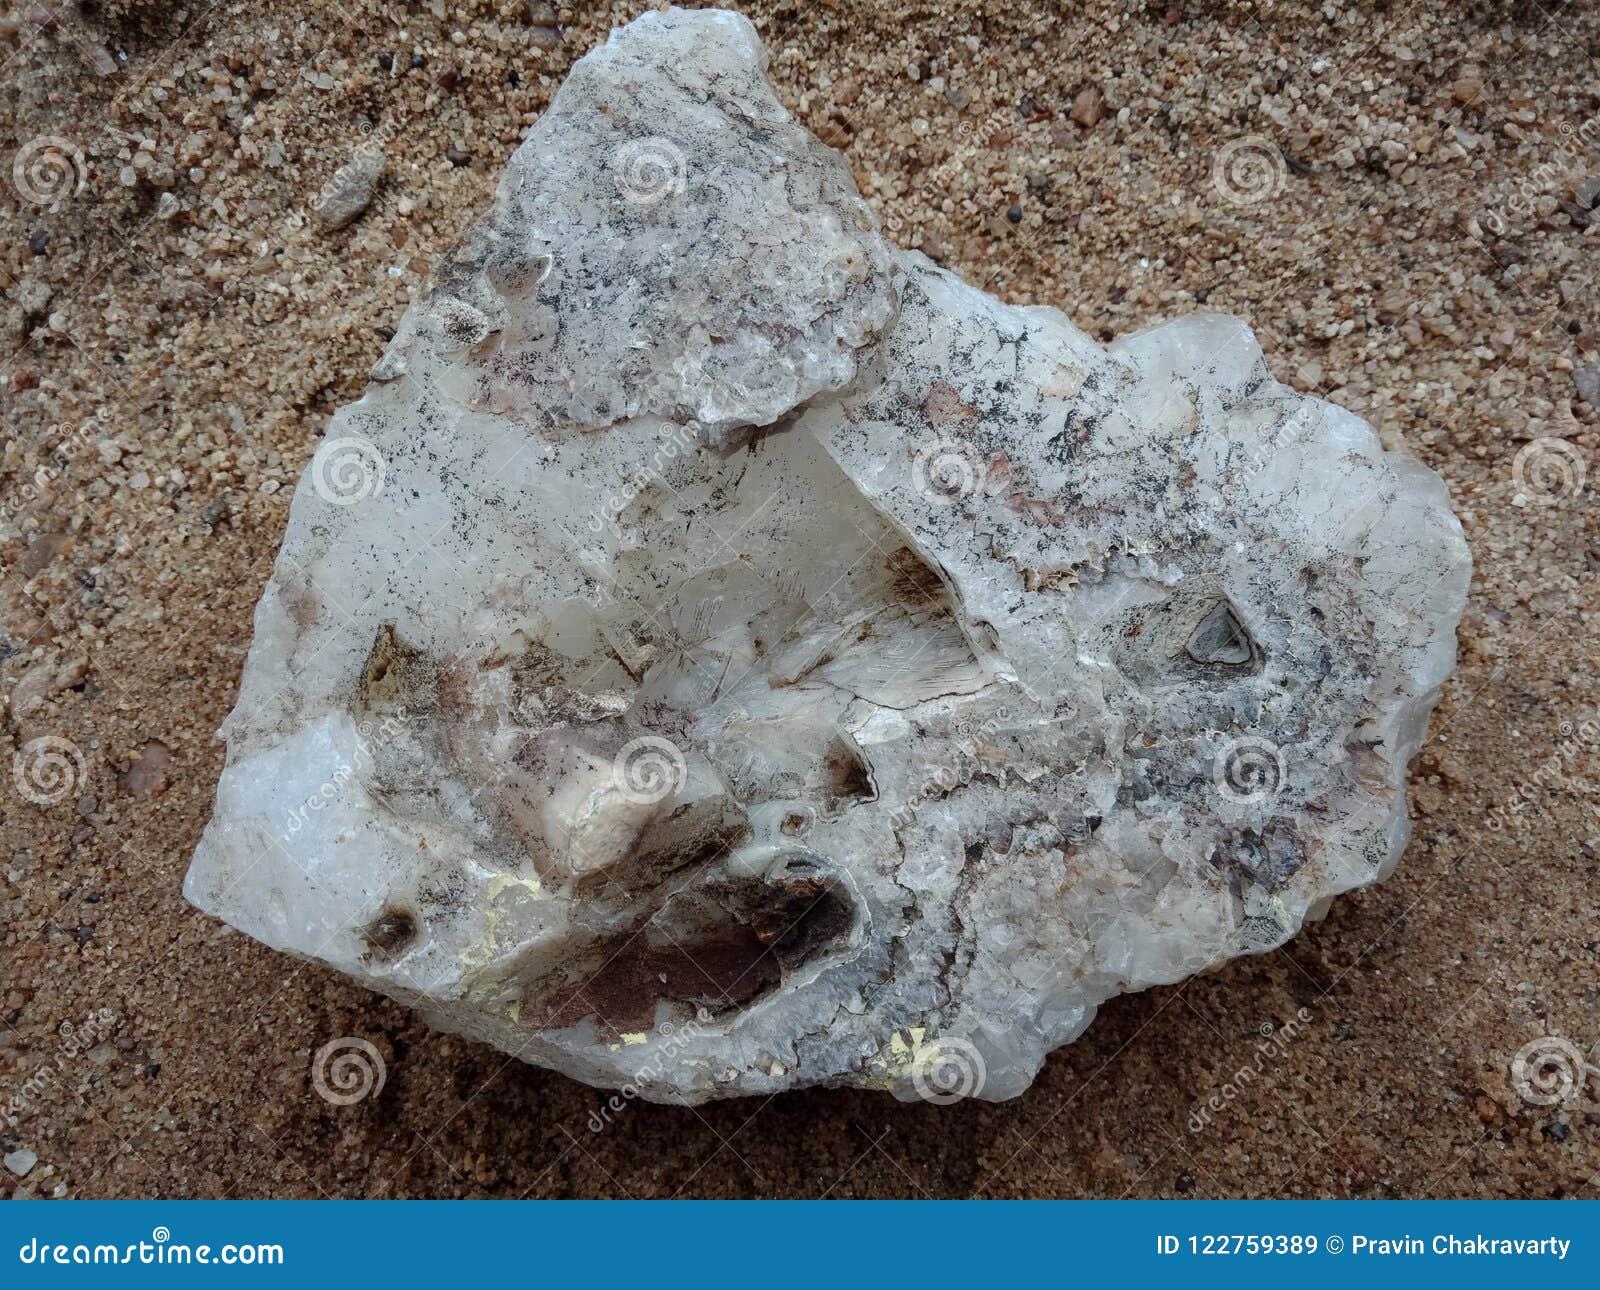 Kristalsteen op het zand, geweven behang als achtergrond